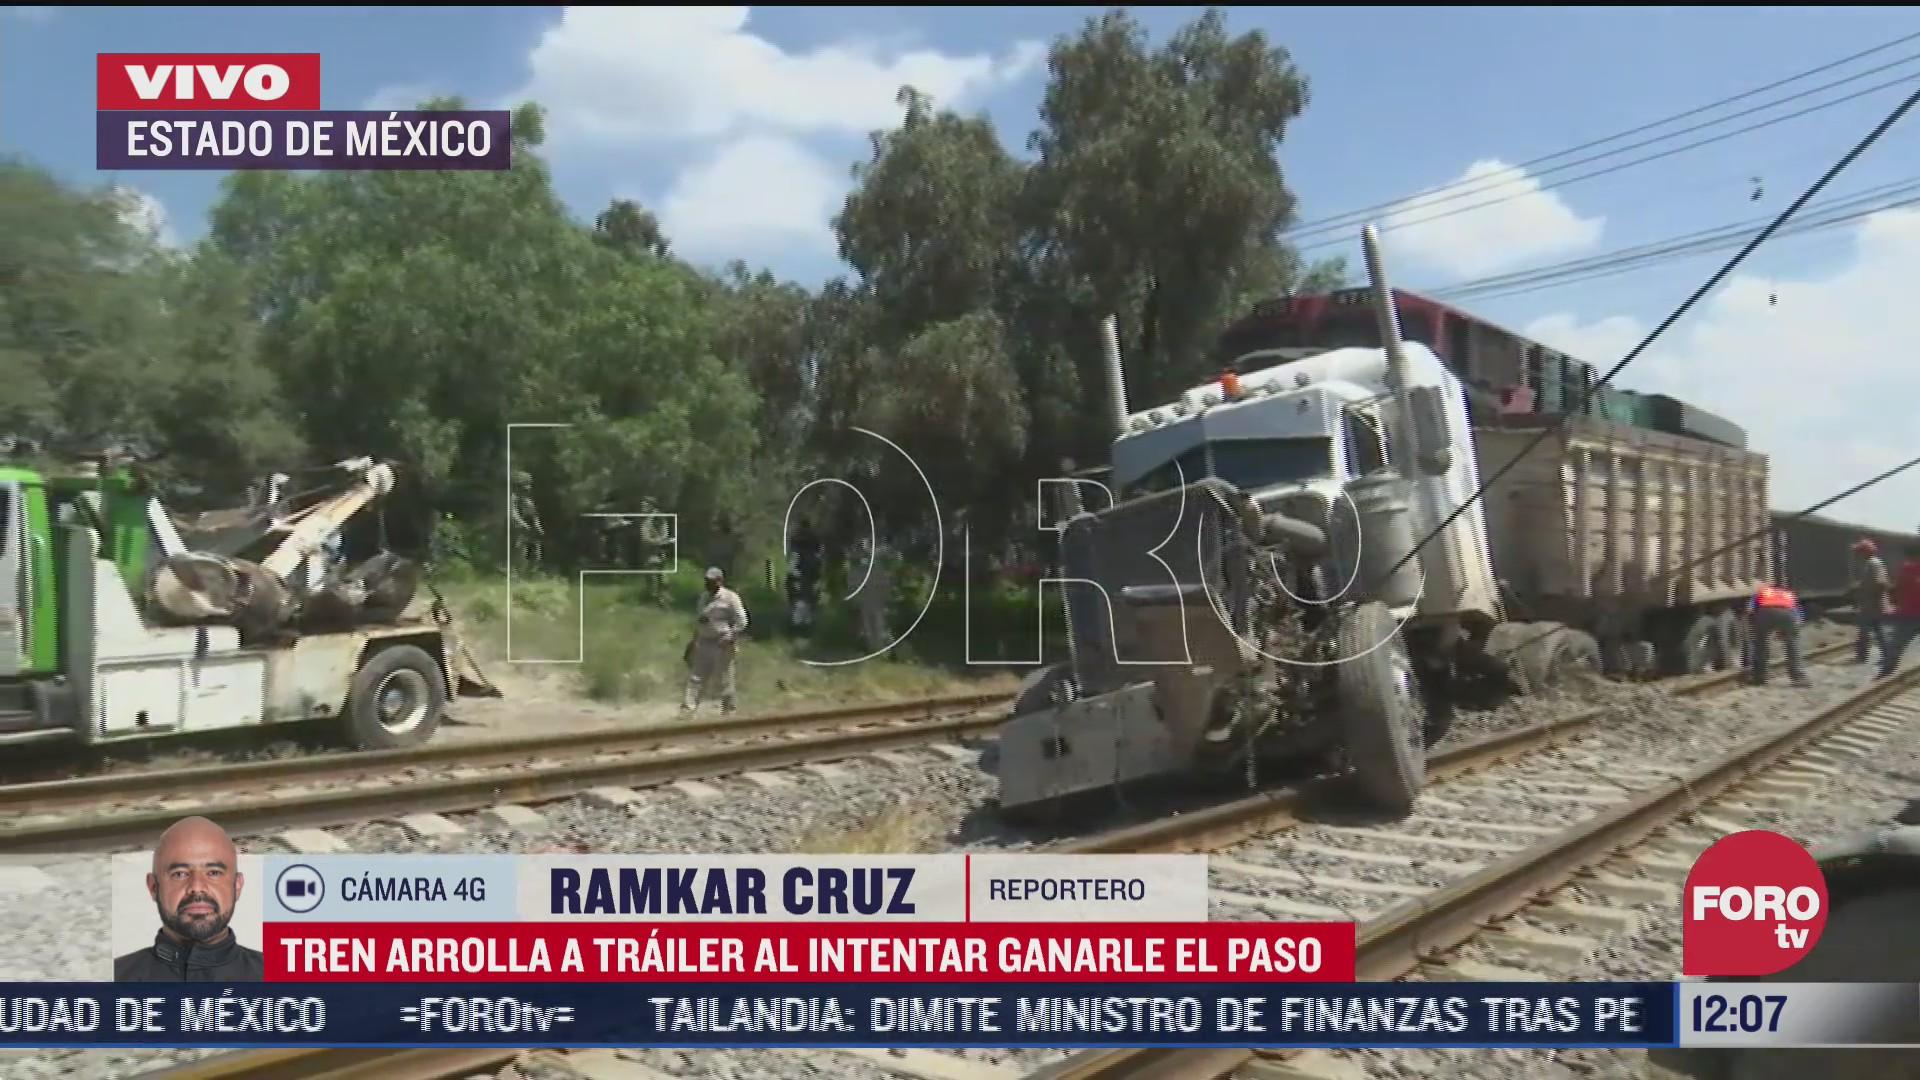 tren arrolla a trailer en el estado de mexico